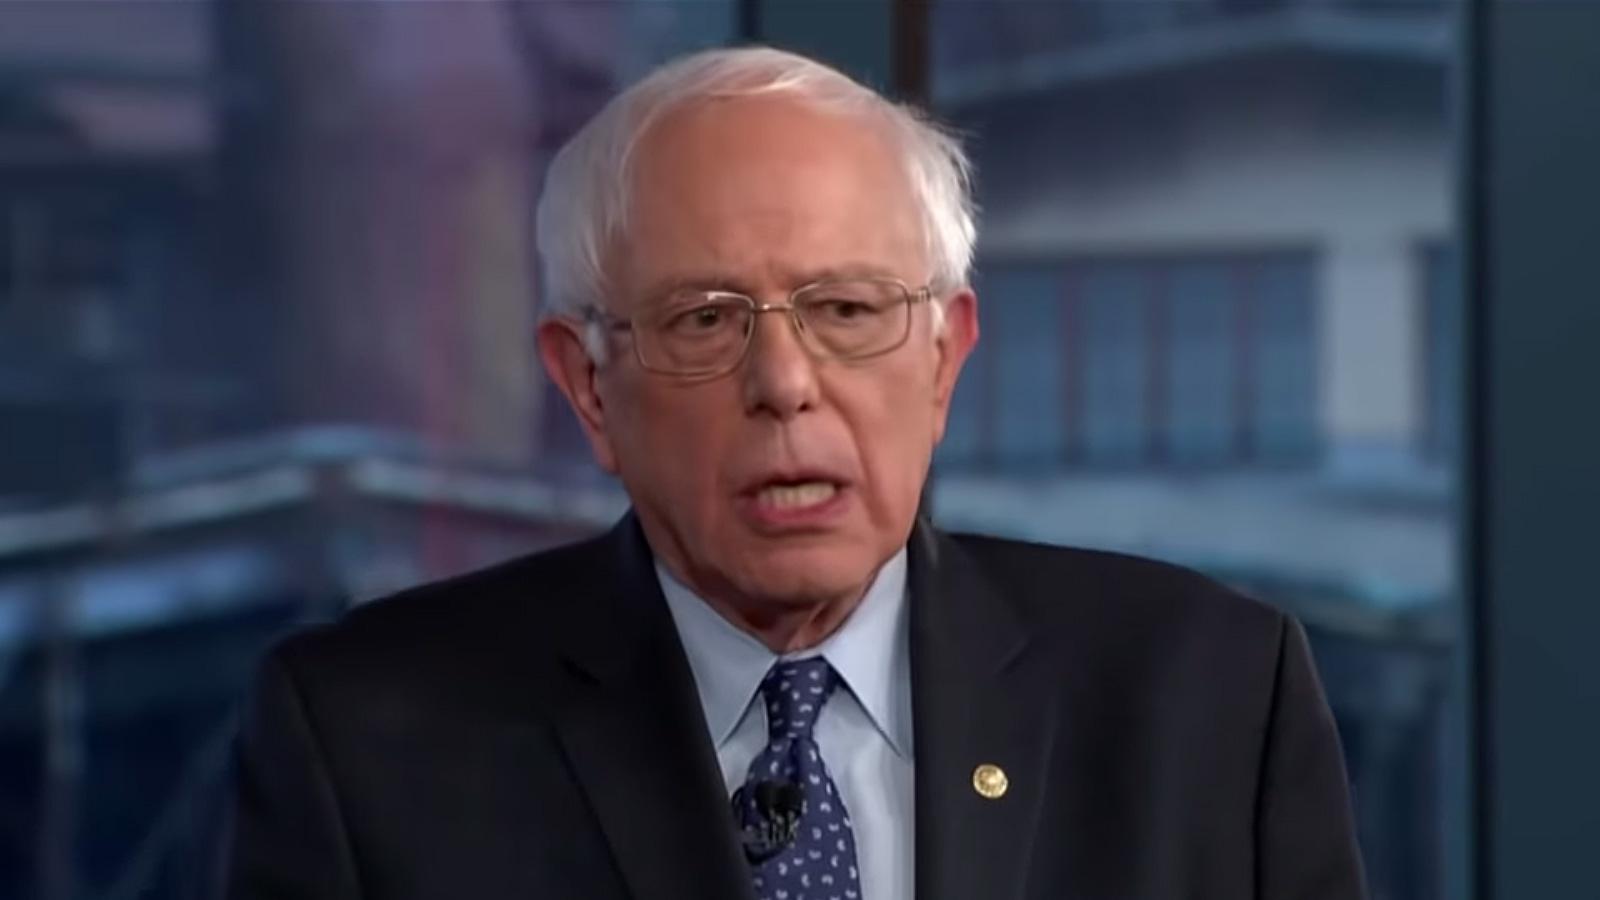 Bernie Sanders on Fox